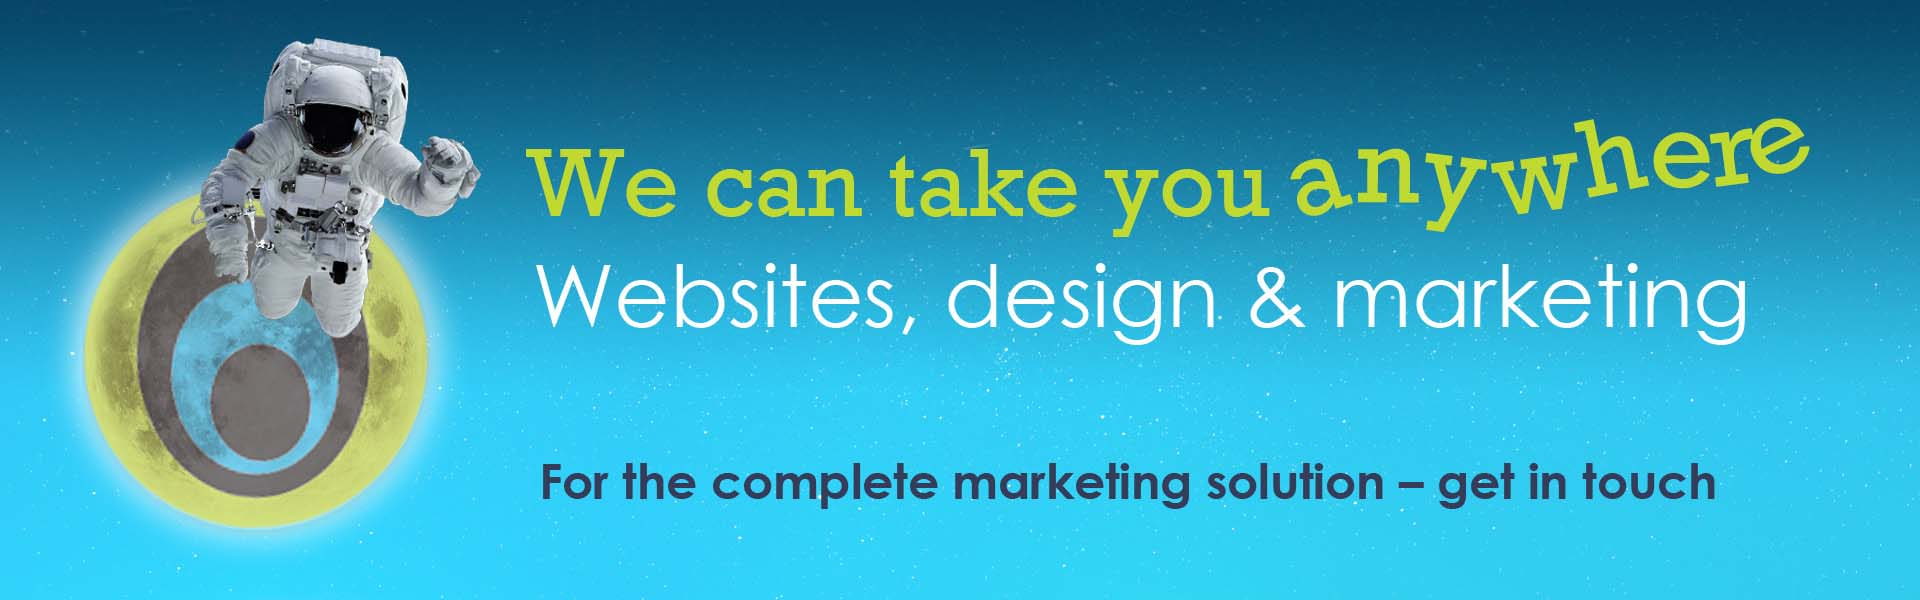 Marketing Zone, Website design Hertfordshire, marketing agency, marketing agencies in Hertfordshire